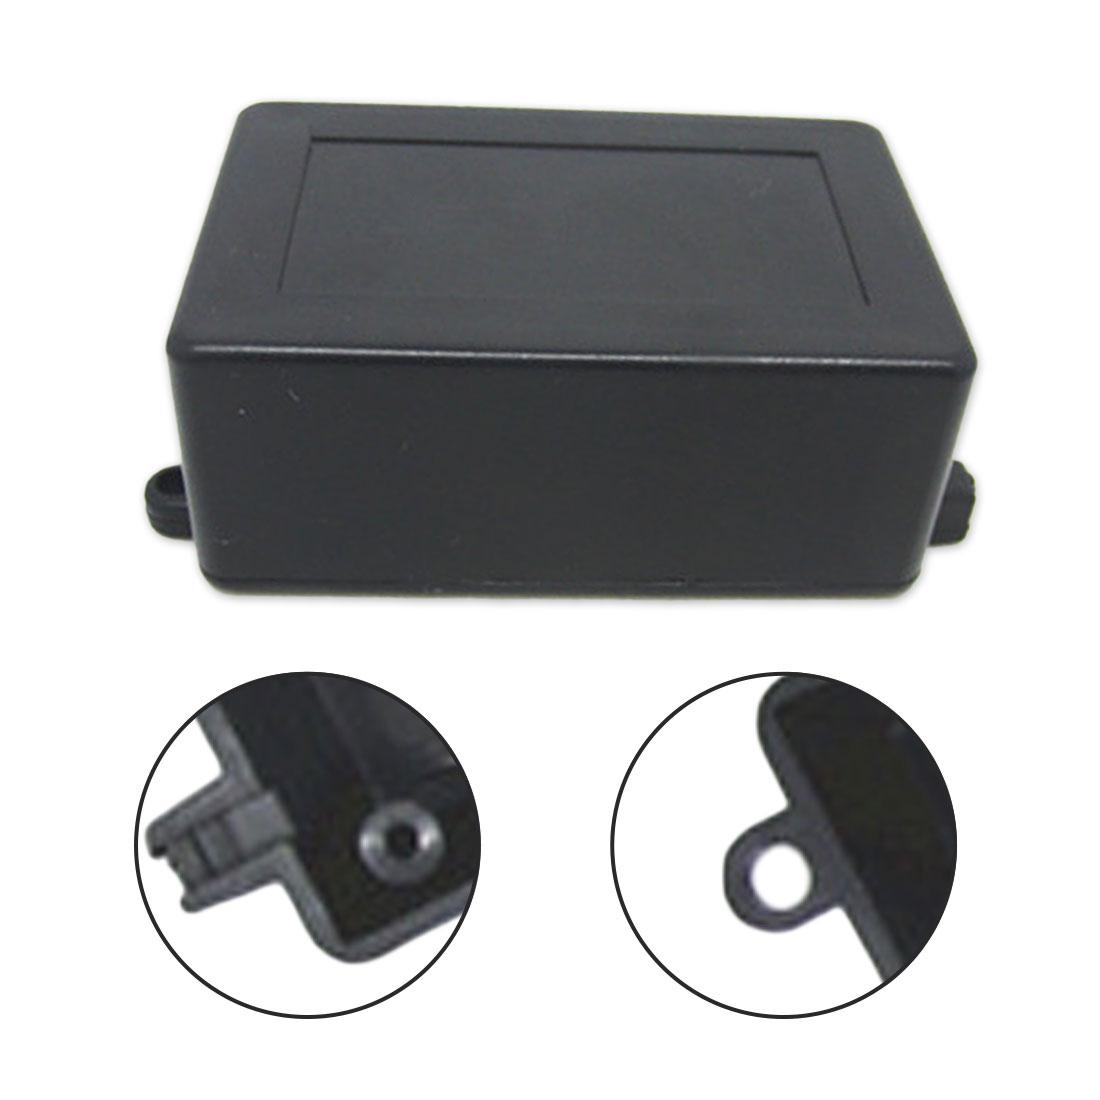 Caja de instrumentos de 70x45x30 MM, conector impermeable de plástico, caja de proyecto electrónica, caja negra